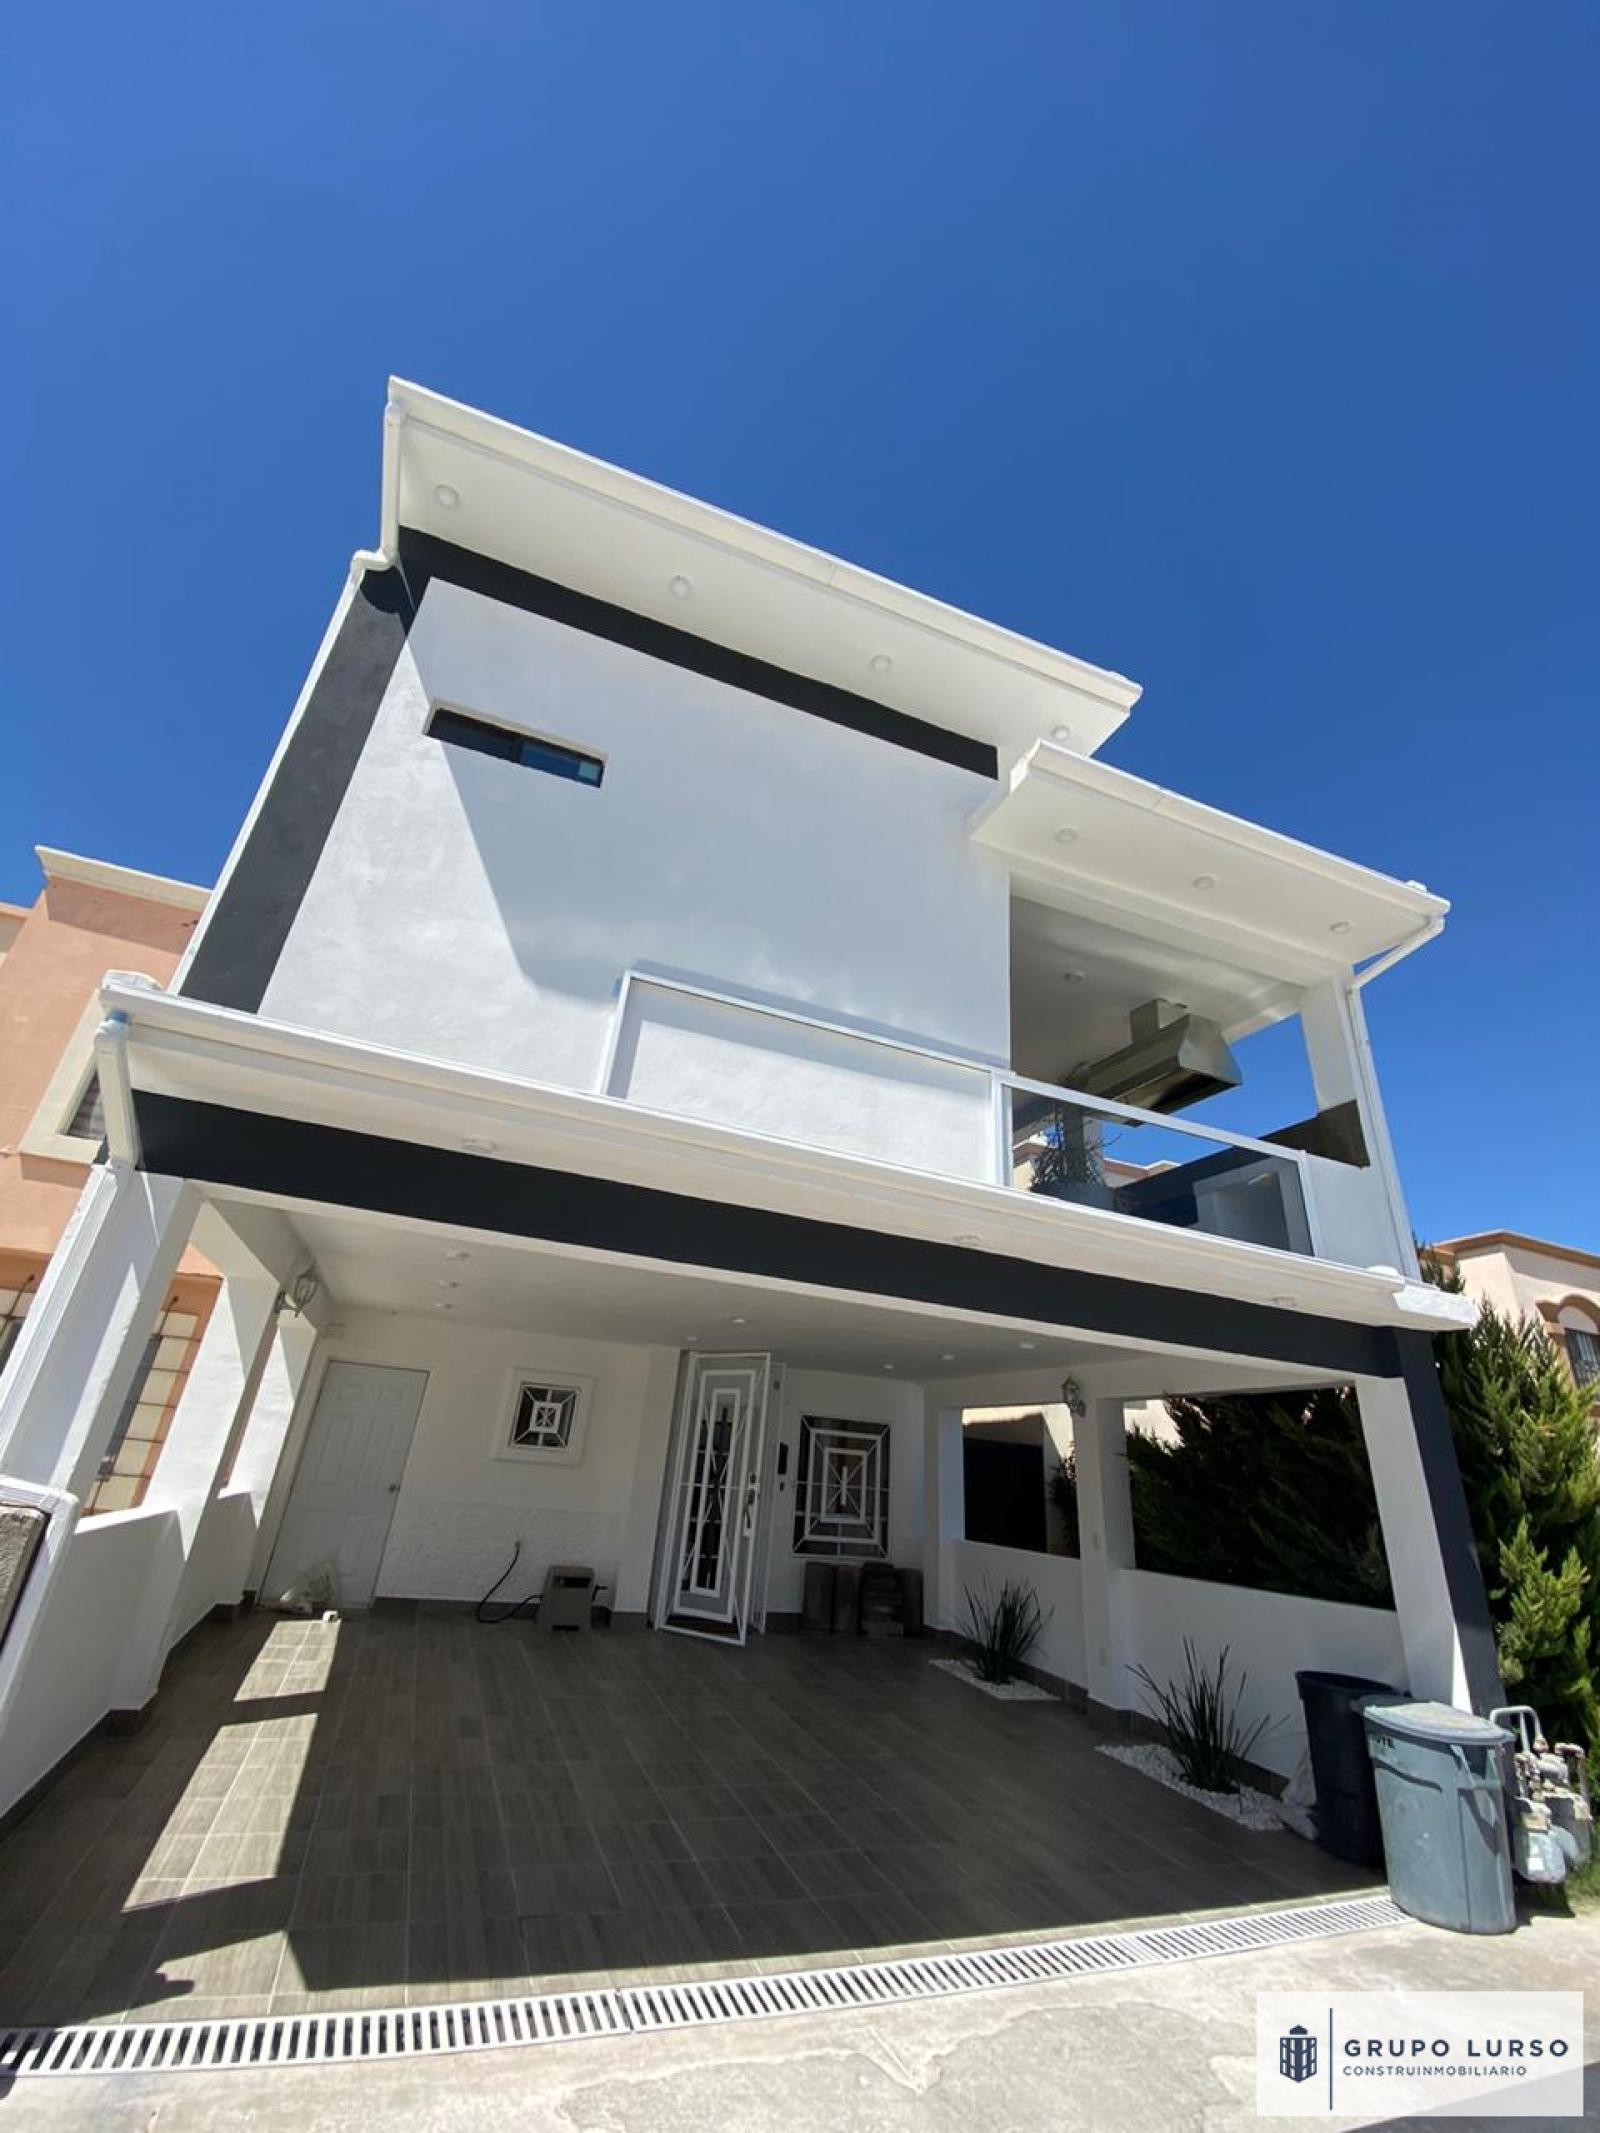 No Disponible - Se vende hermosa casa recién remodelada, por la valle del sol / área sendero